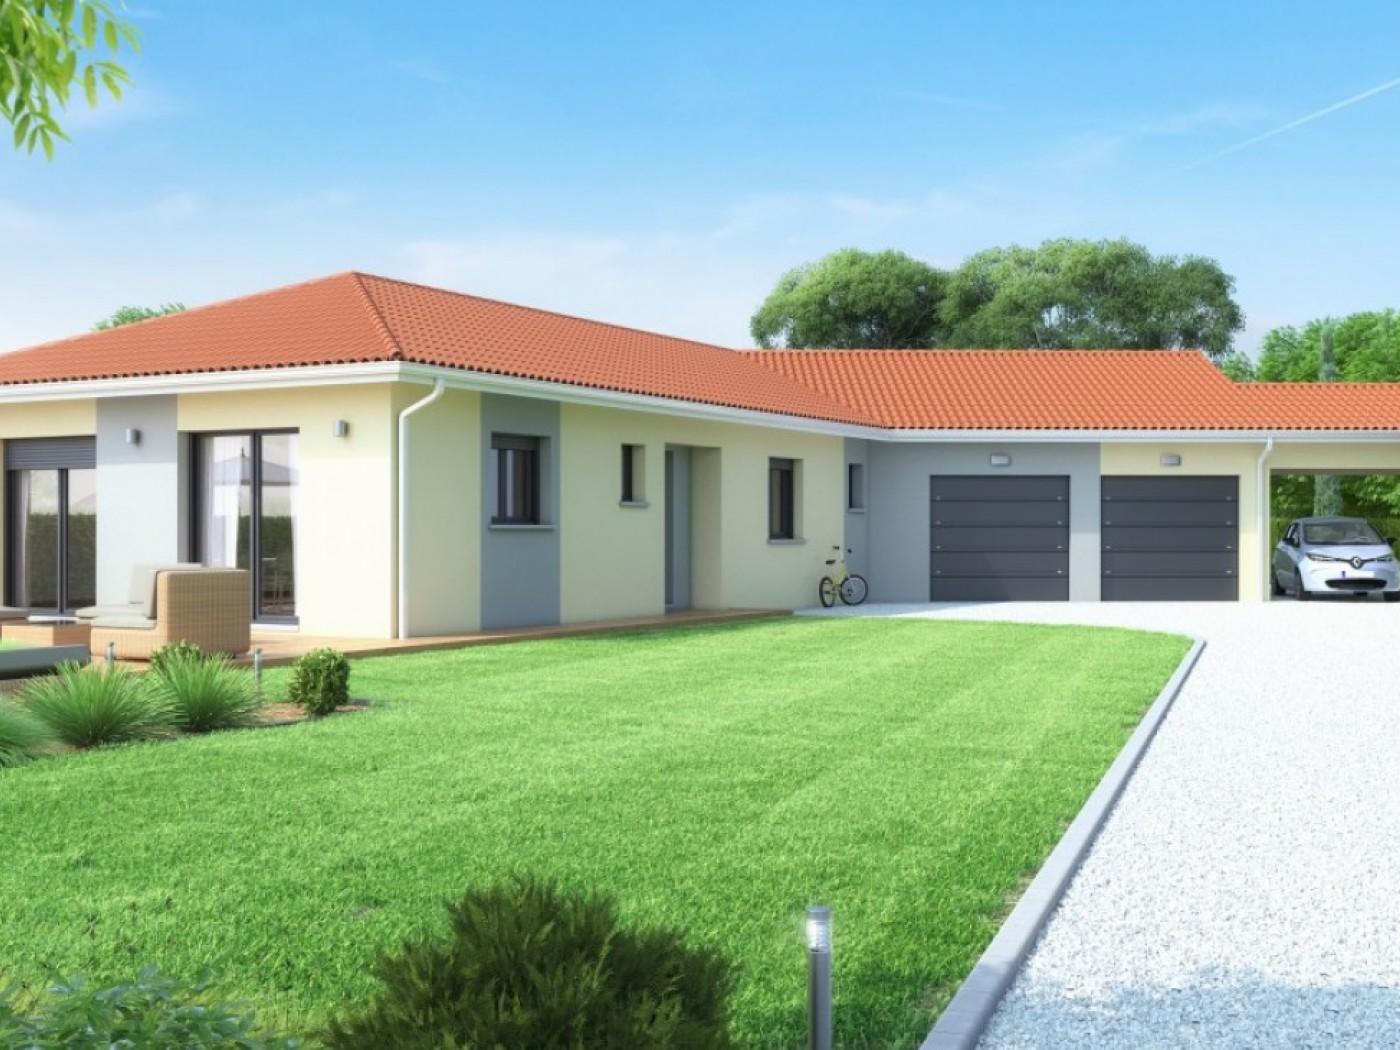 constructeur maison plain pied